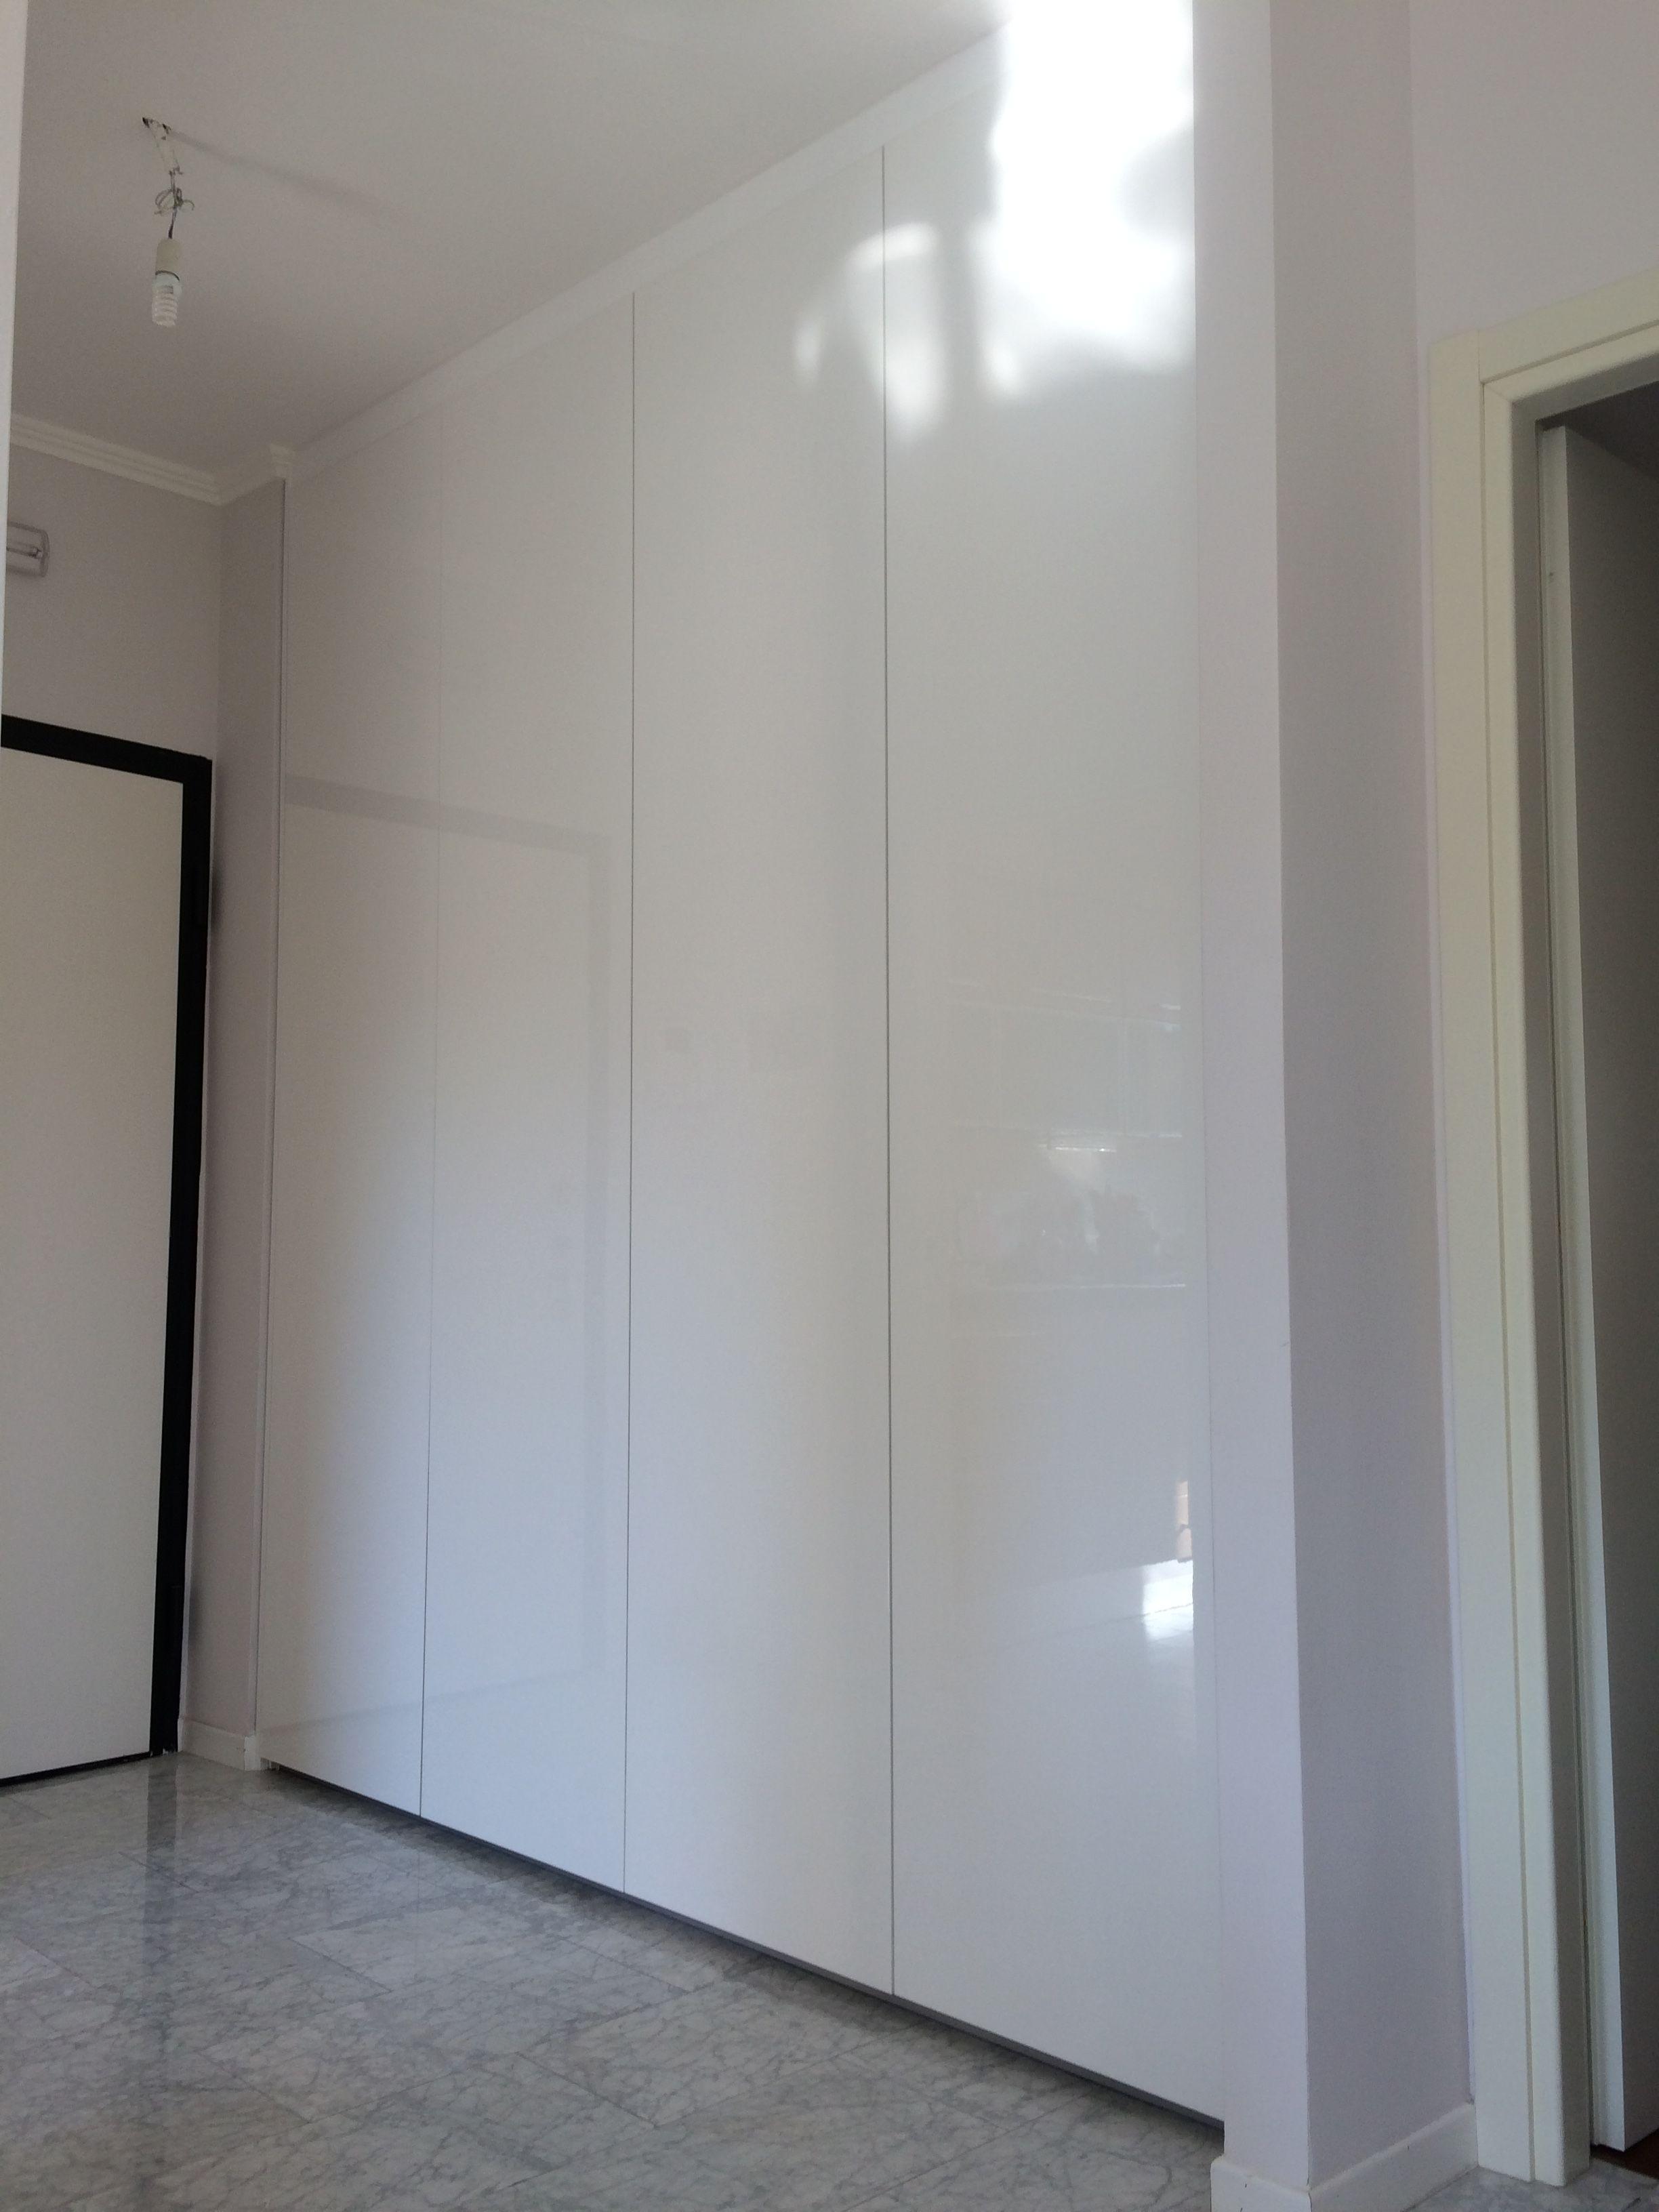 Un armadio a muro laccato lucido in un appartamento di Roma | small ...